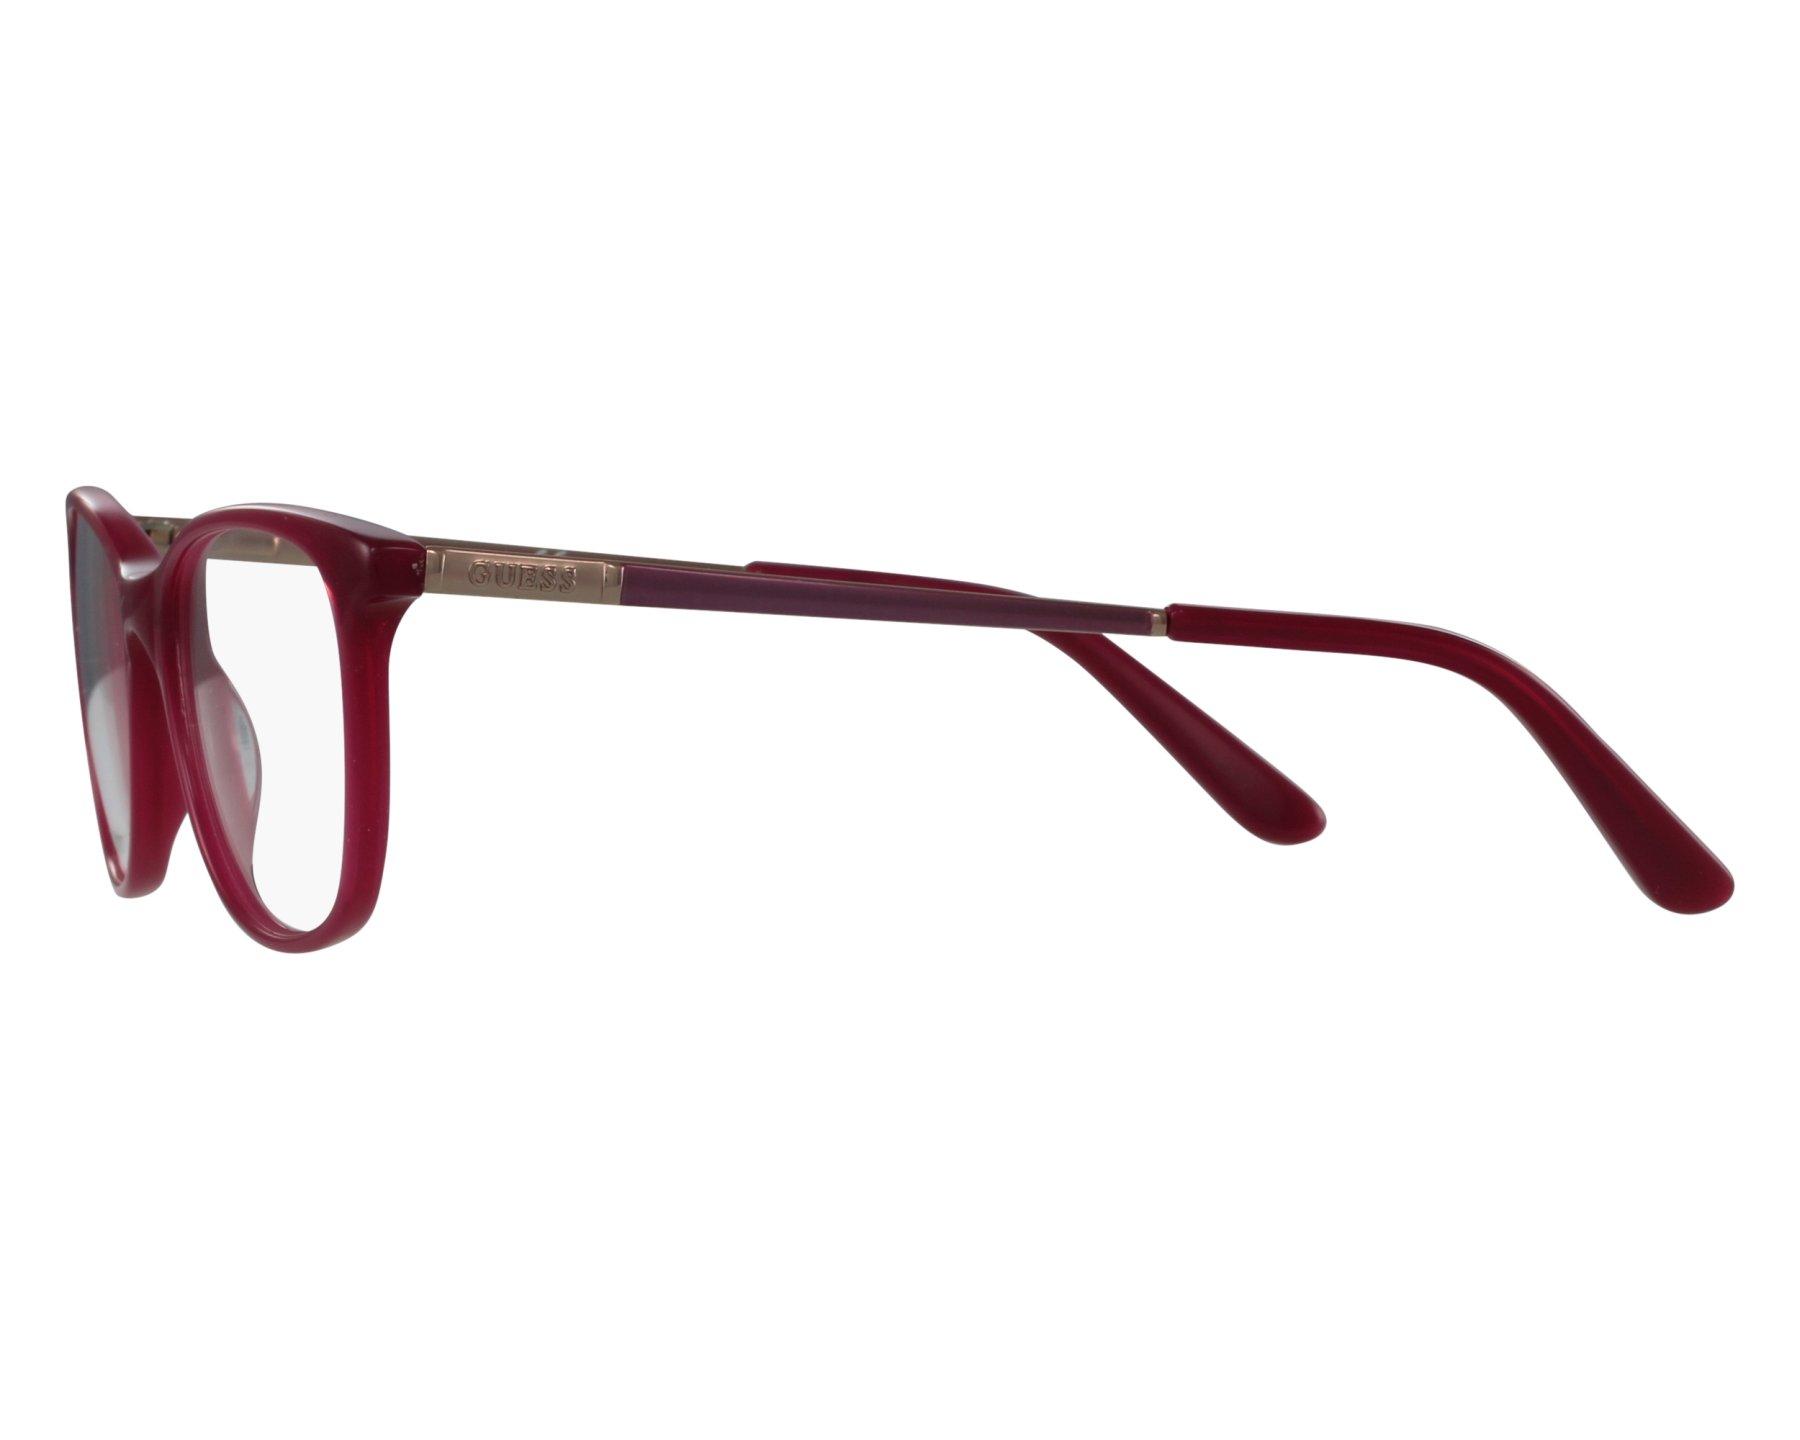 3721630d2d Gafas Graduadas Guess GU-2566 075 49-17 Fuchsia Lila Purpura vista de frente